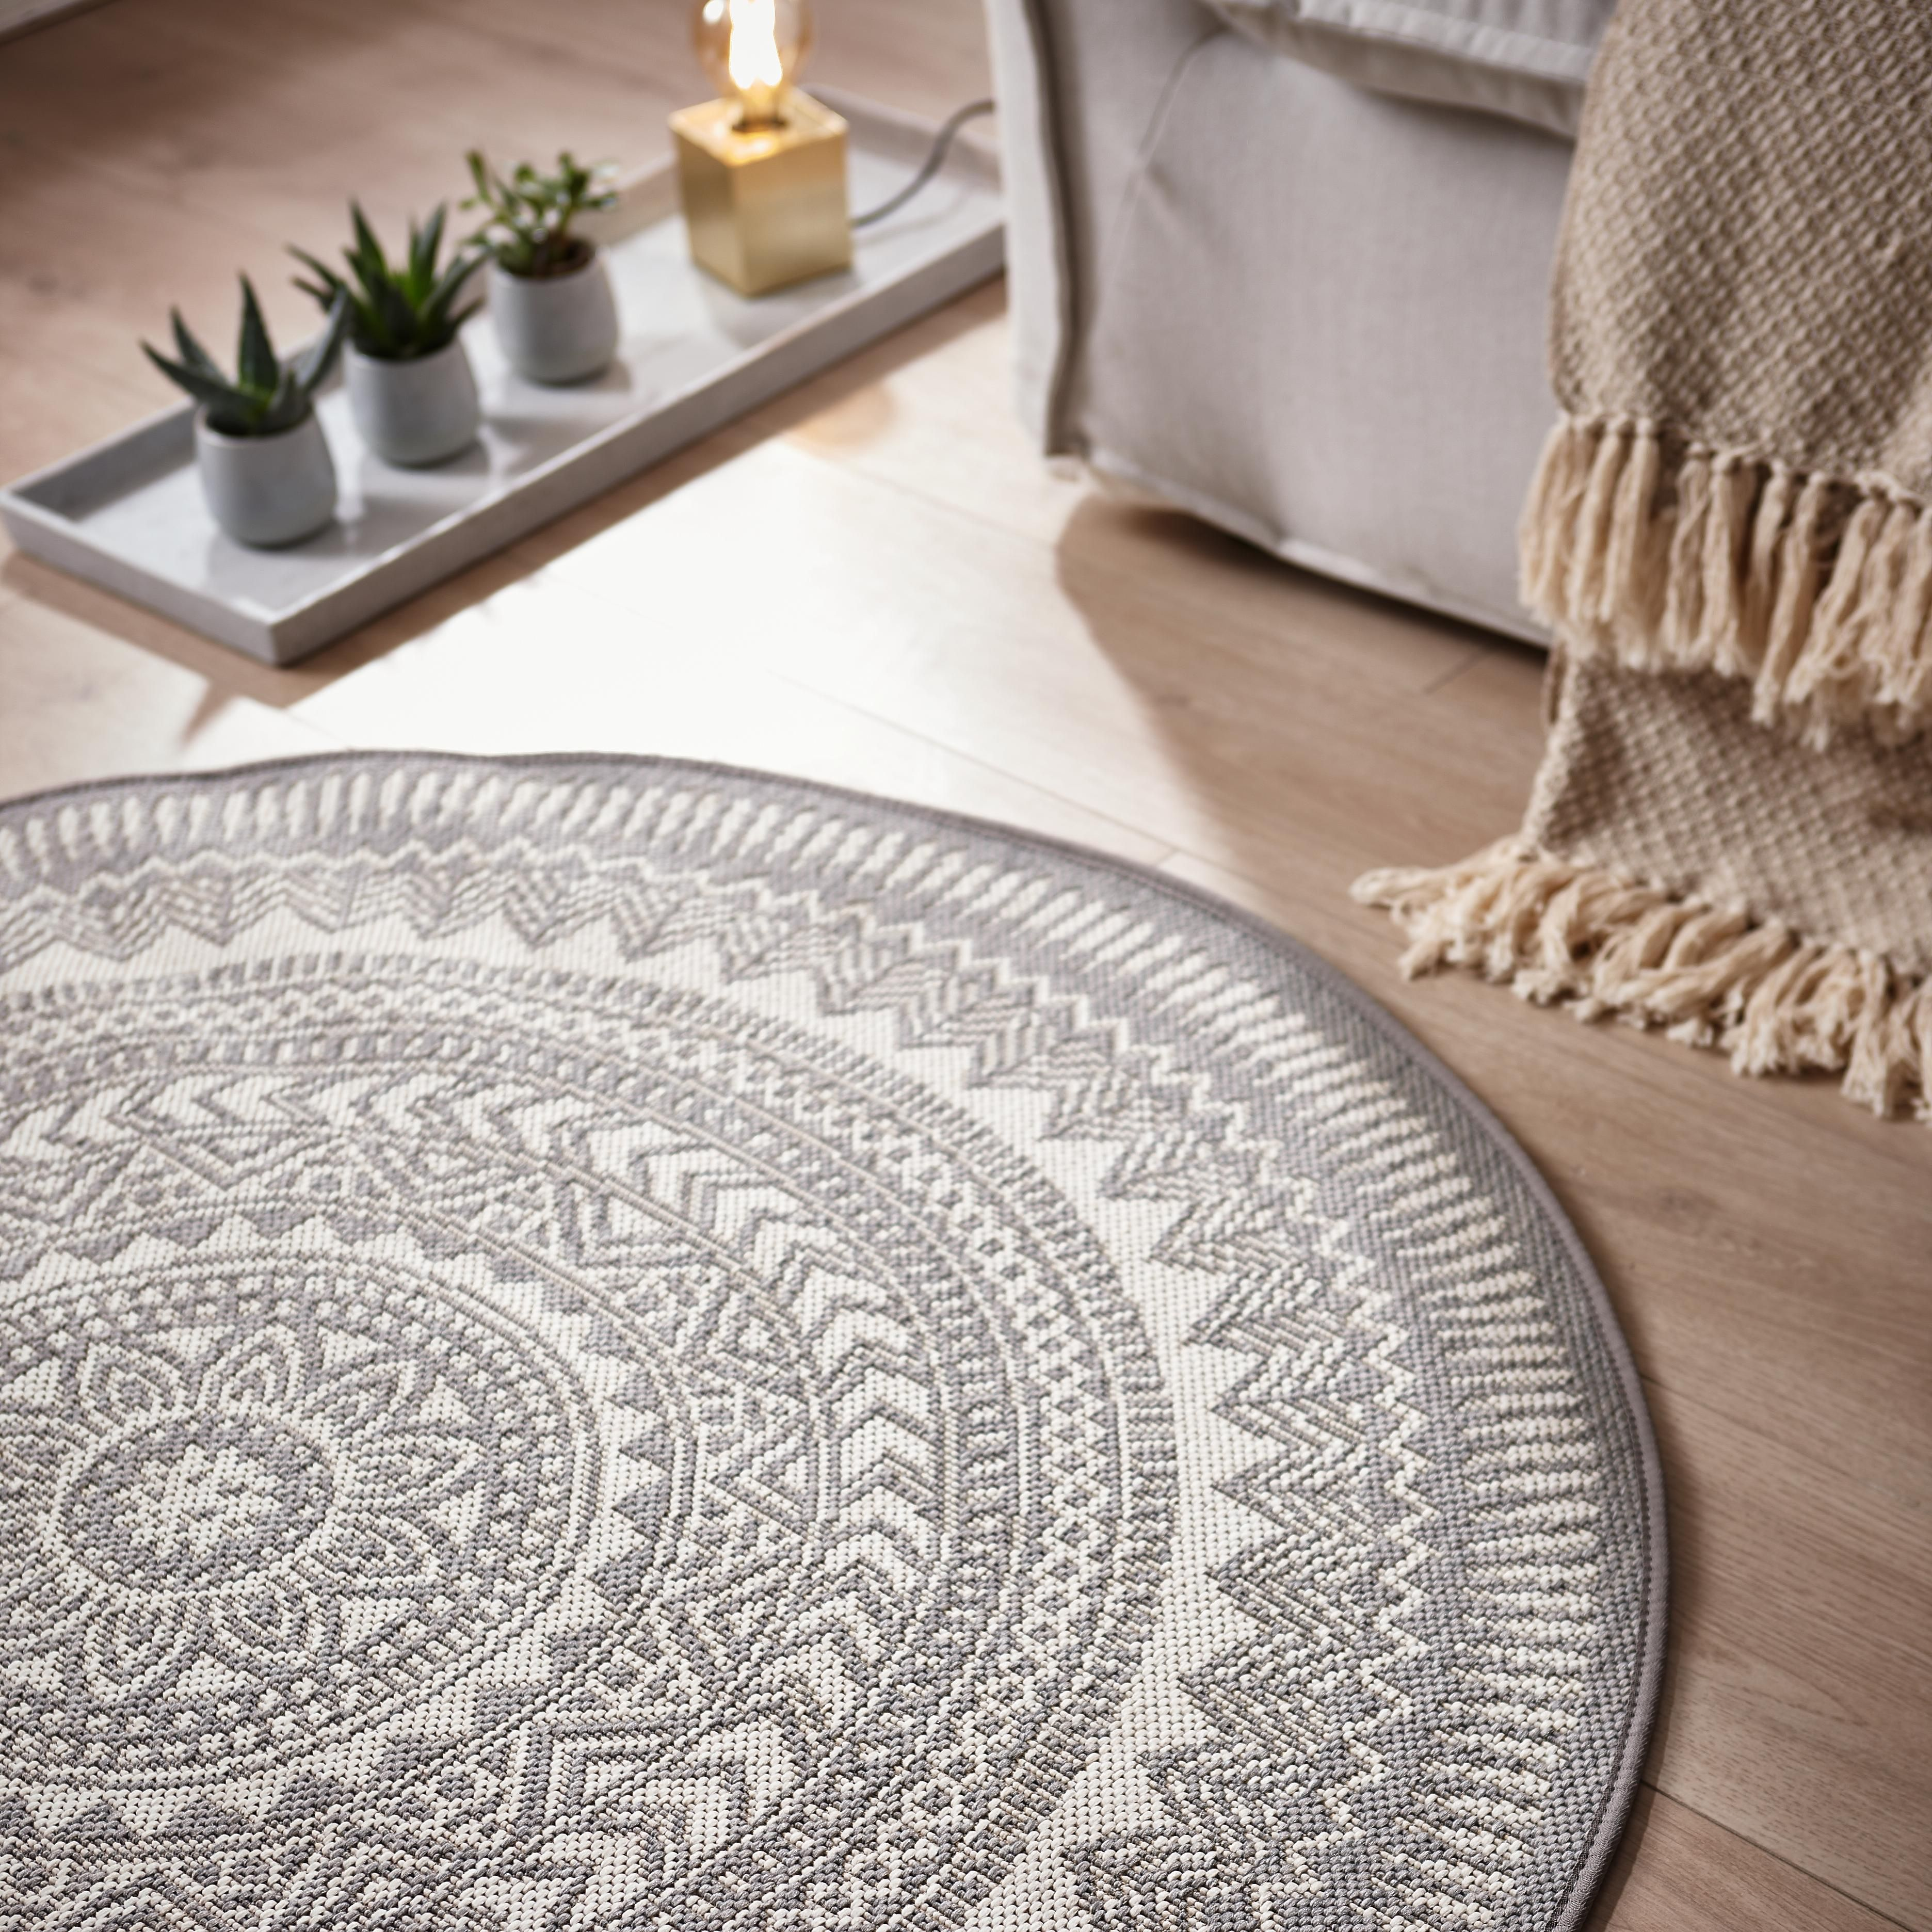 Dieser Runde Teppich Schafft Eine Wohnliche Atmosphäre In Eurer Wohnung Und Passt Zu Vielen Möbelstücken Teppich Grau Rund Teppich Outdoor Teppich